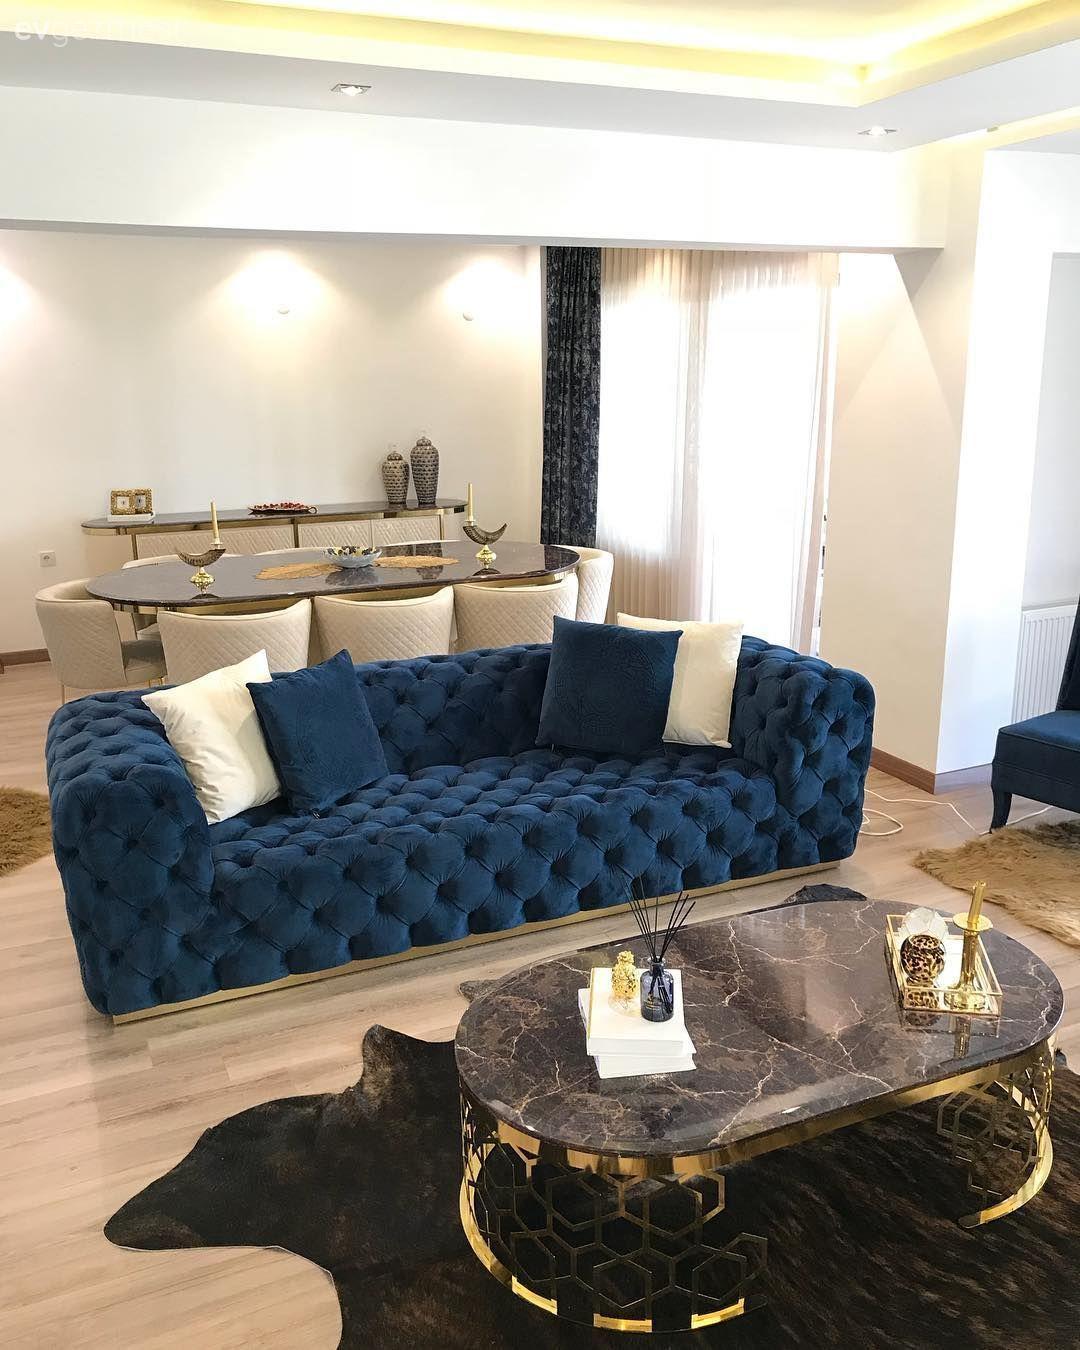 Salon Parlament Mavisi Krem Kapitoneli Koltuk Koltuk Takimi Kirlent Ev Homeacce In 2020 Geometric Furniture Sofa Design Couches Living Room